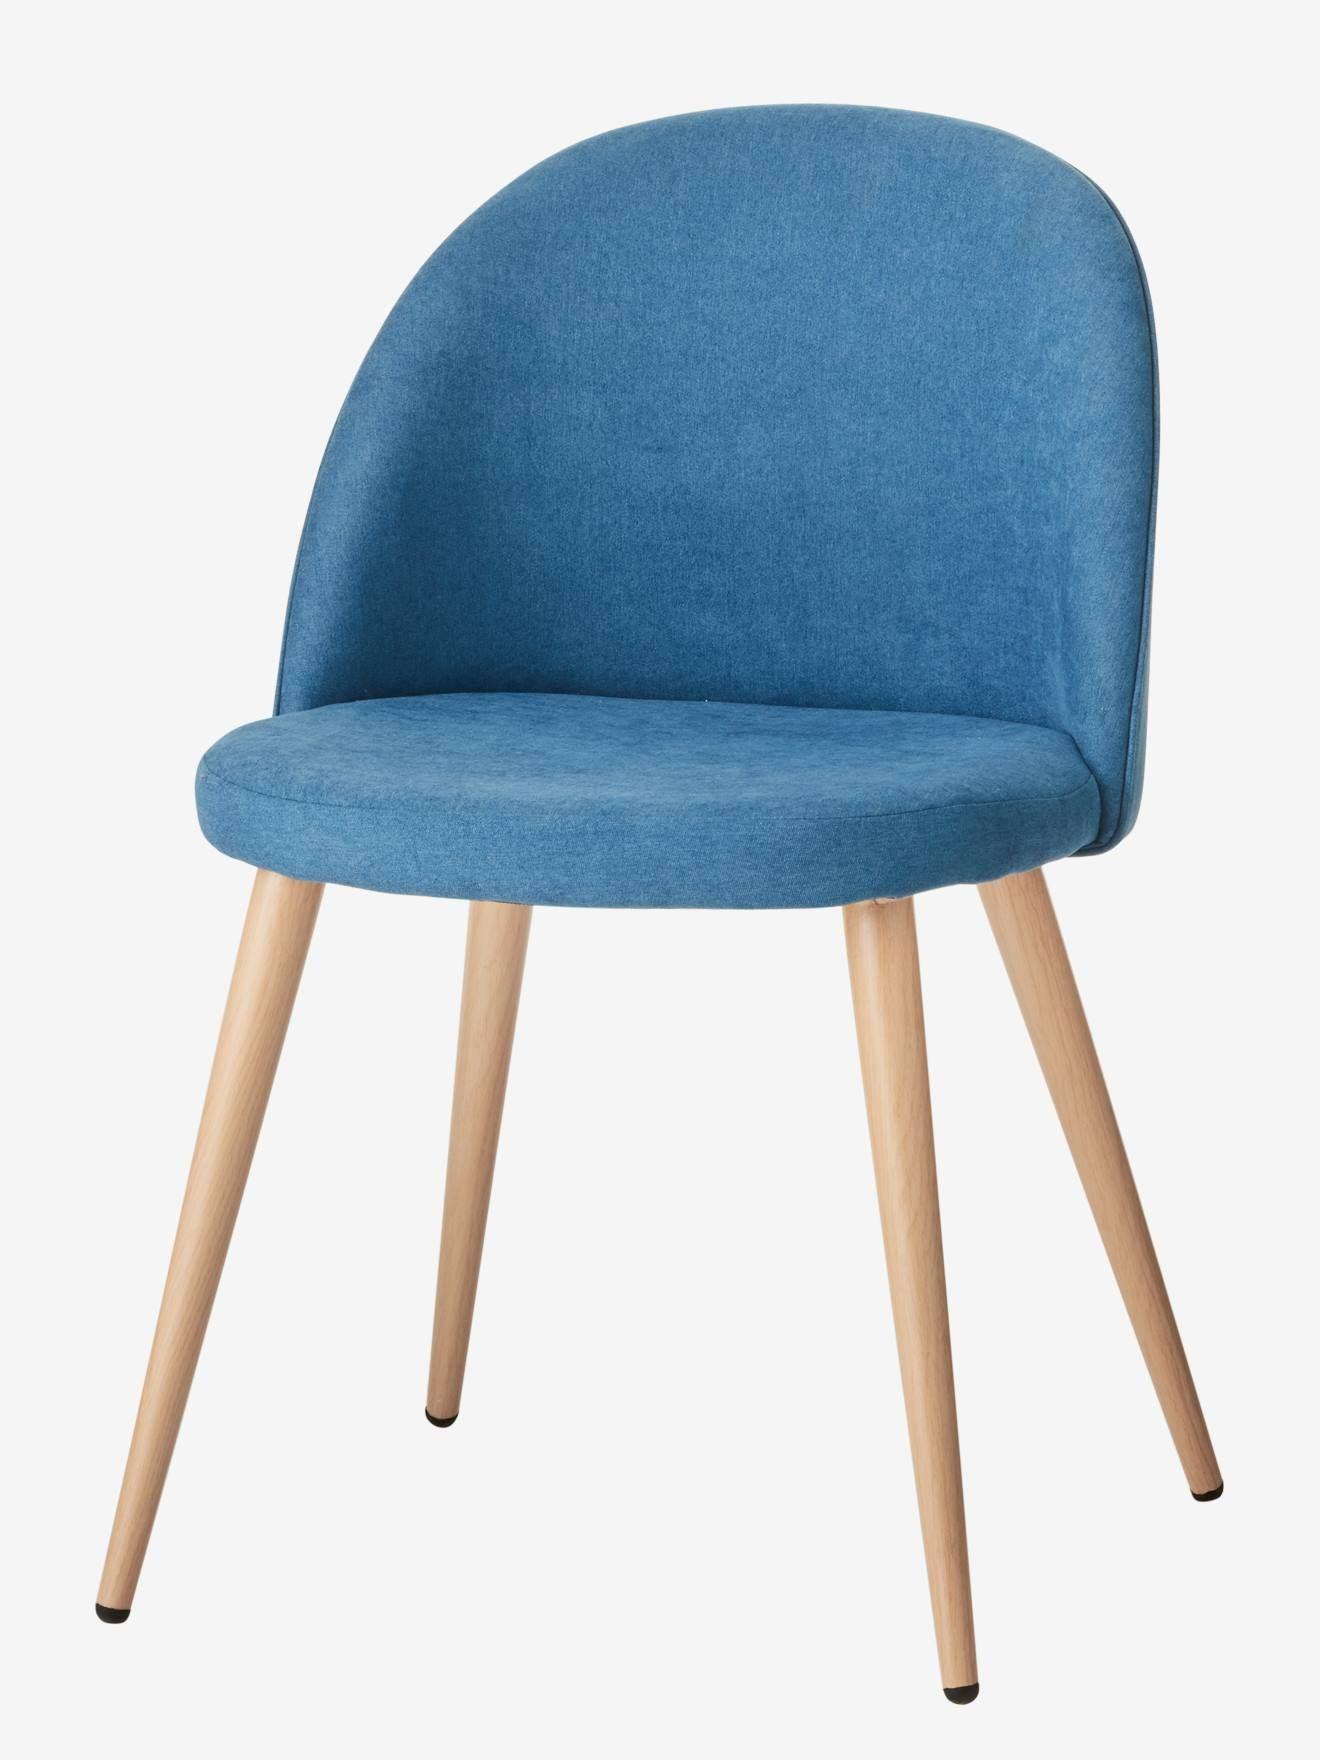 Chaise De Bureau Primaire Bubble Bleu Vertbaudet Chaise Bureau Chaise Chaise Enfant